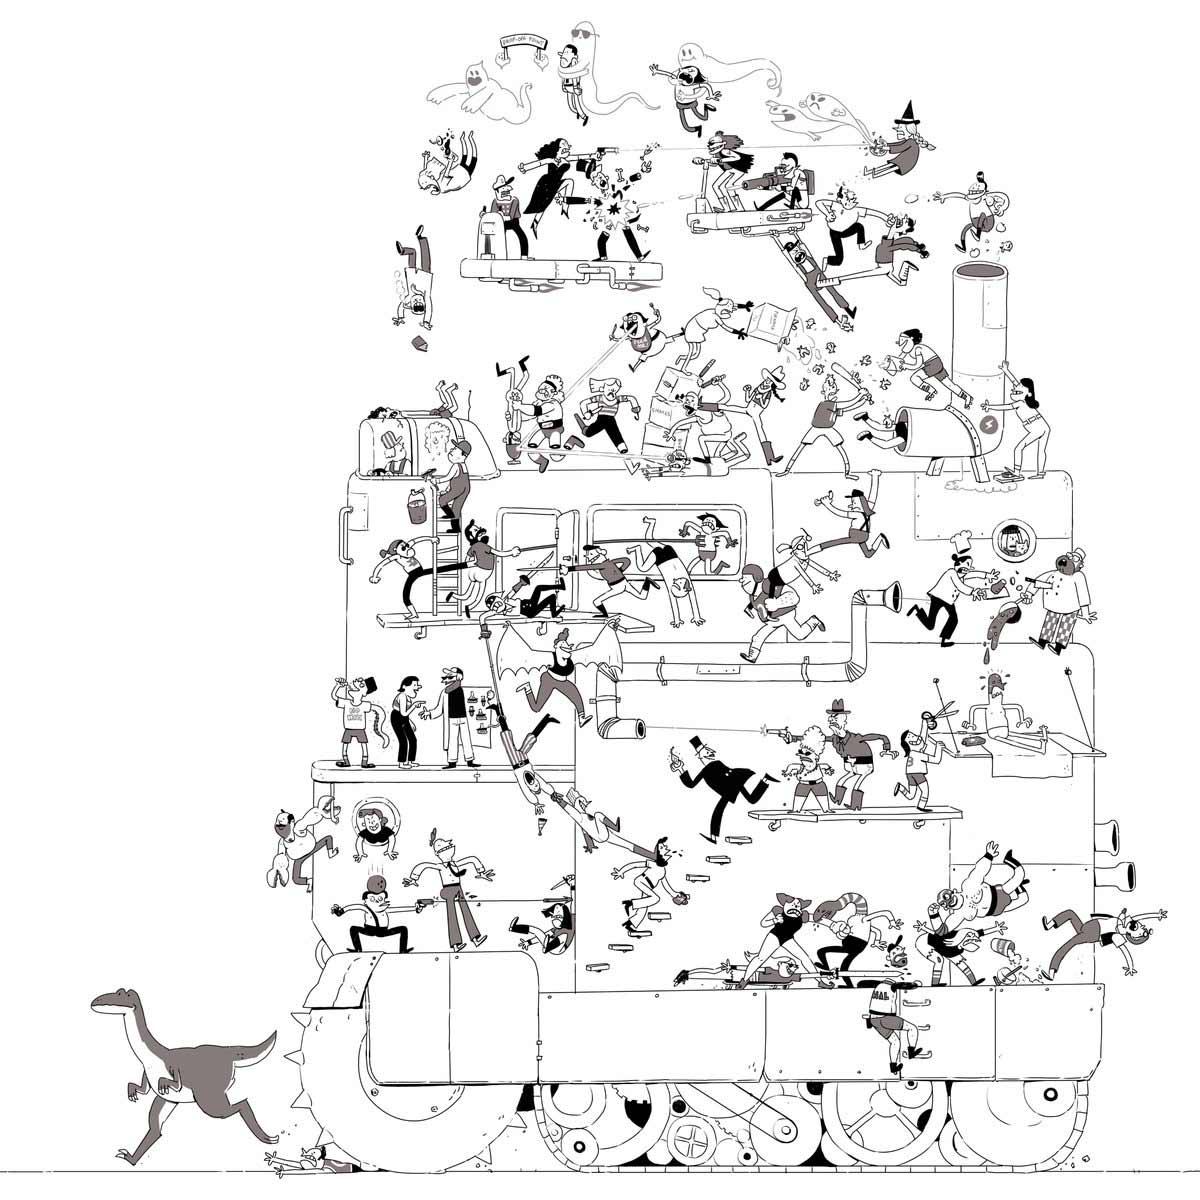 Jeden Tag wird diese Zeichnung einer Schlägerei um eine Figur erweitert Tom-Gran_schlaegerei-jeden-tag-eine-neue-figur_09